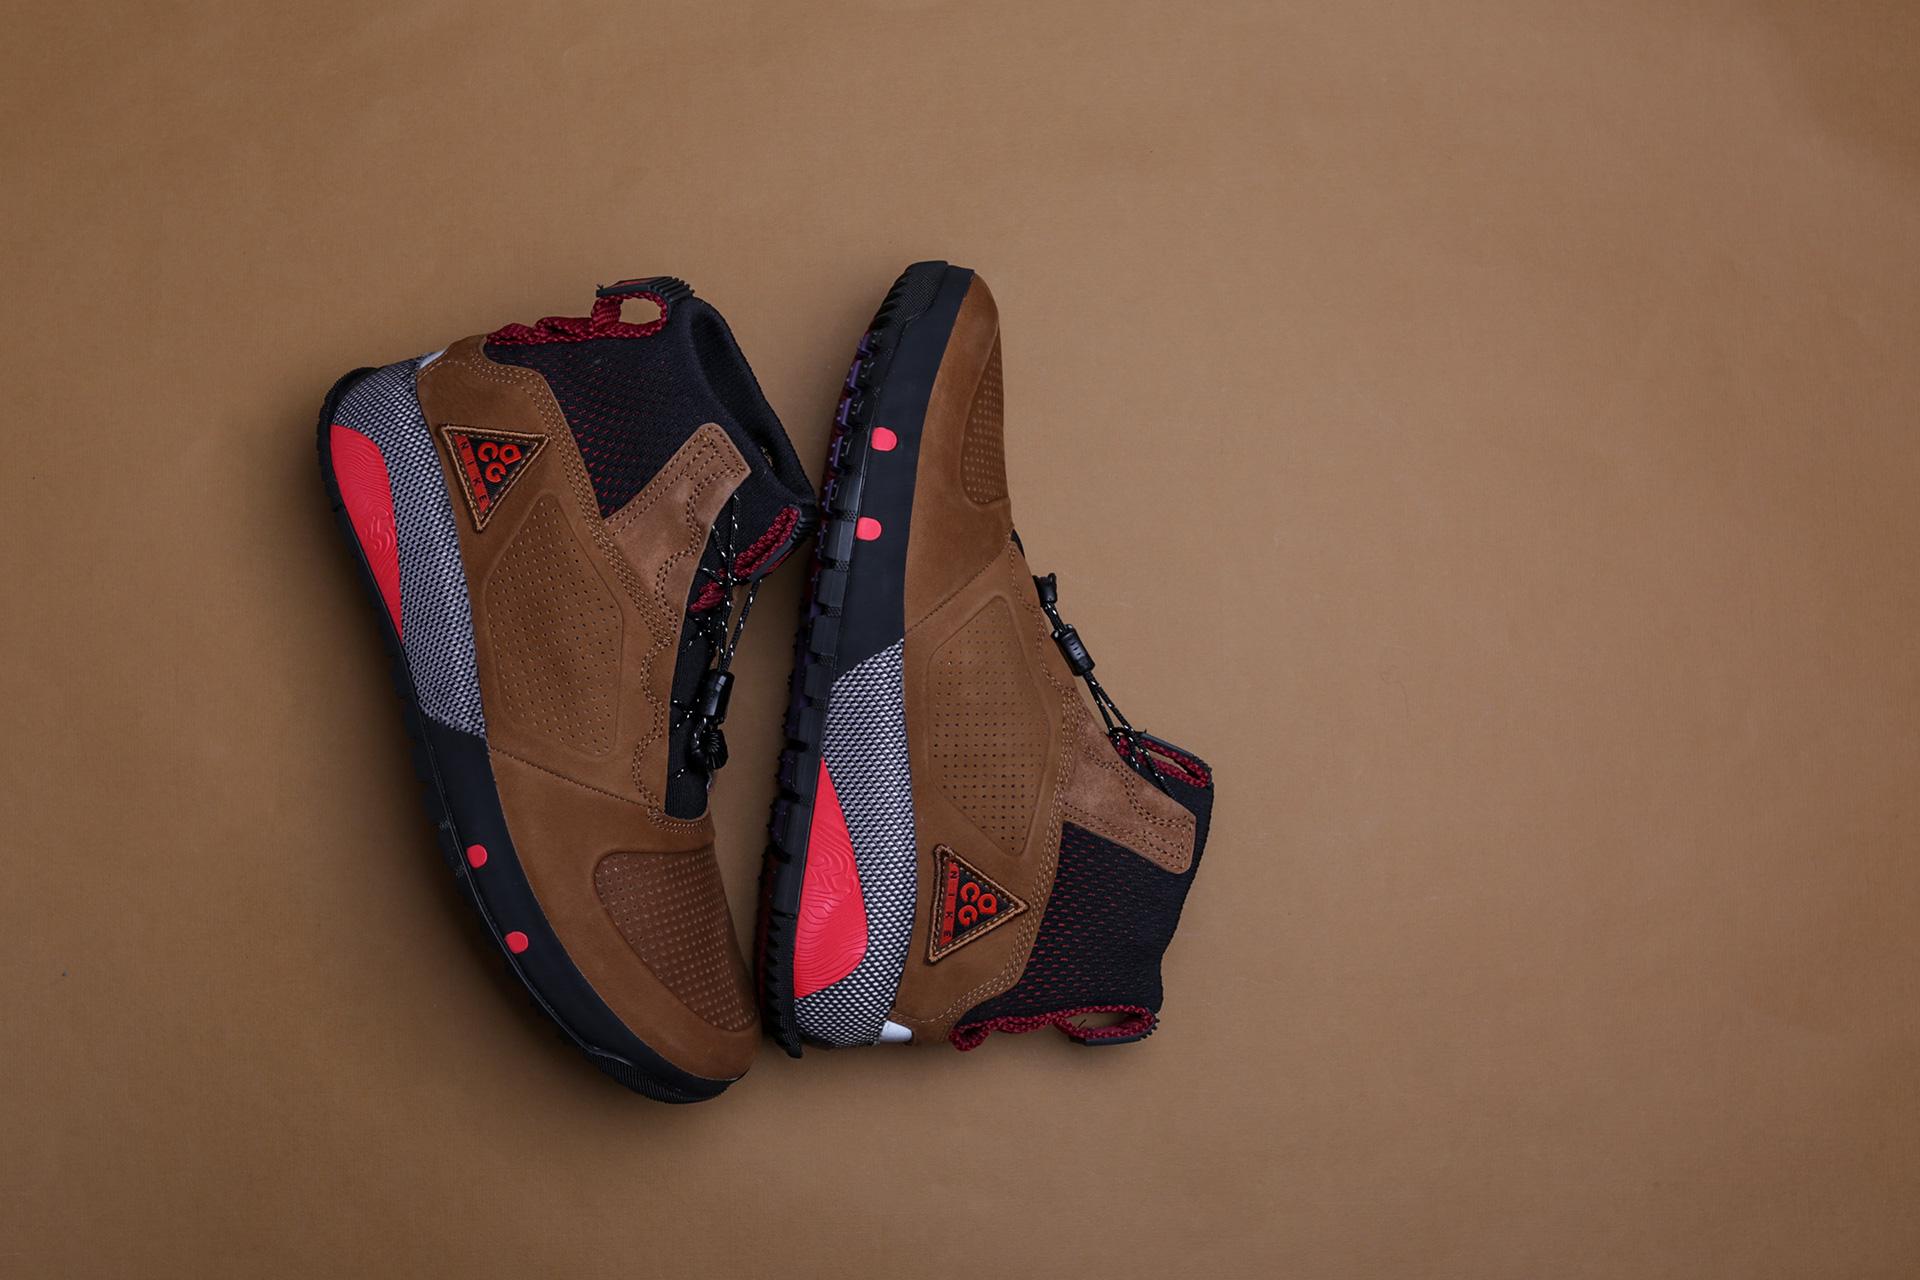 Распродажа обуви, одежды и аксессуаров по низким ценам в интернет магазине  Sneakerhead f937ca2e961